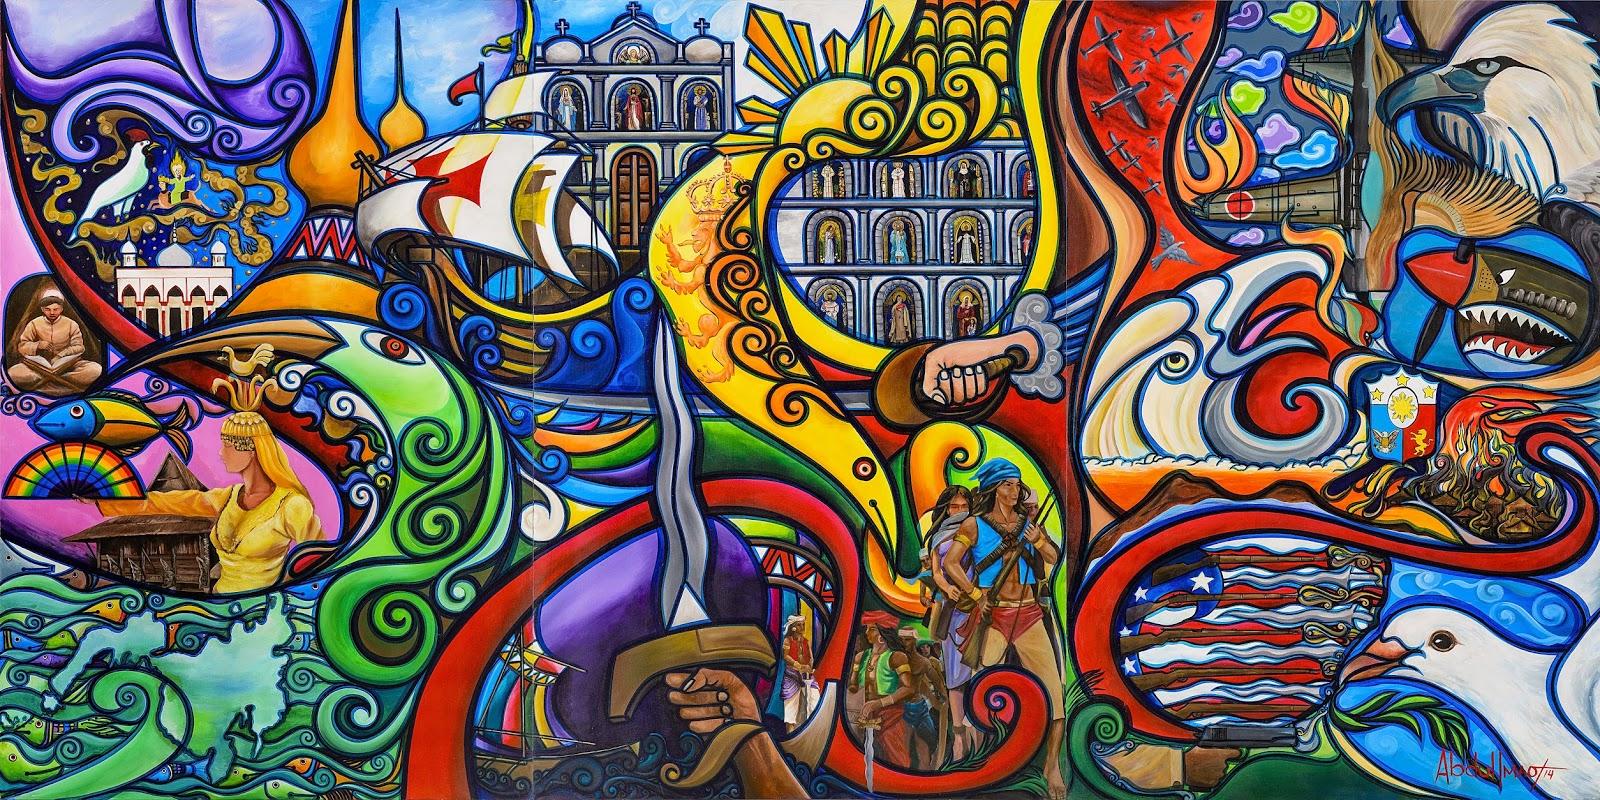 filipino culture wallpaper - photo #30